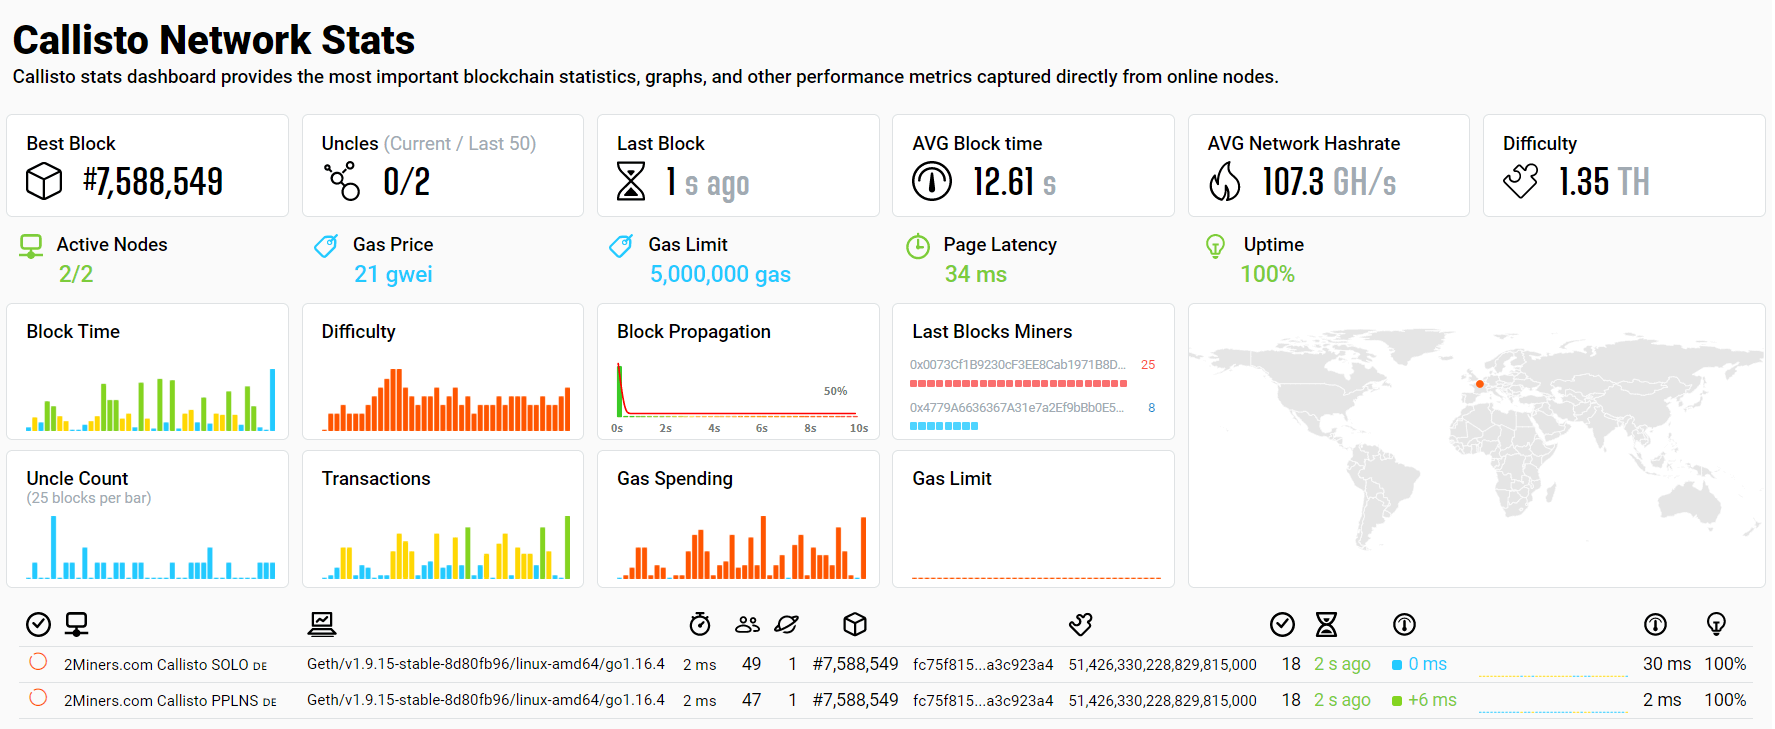 clo-network-statistics